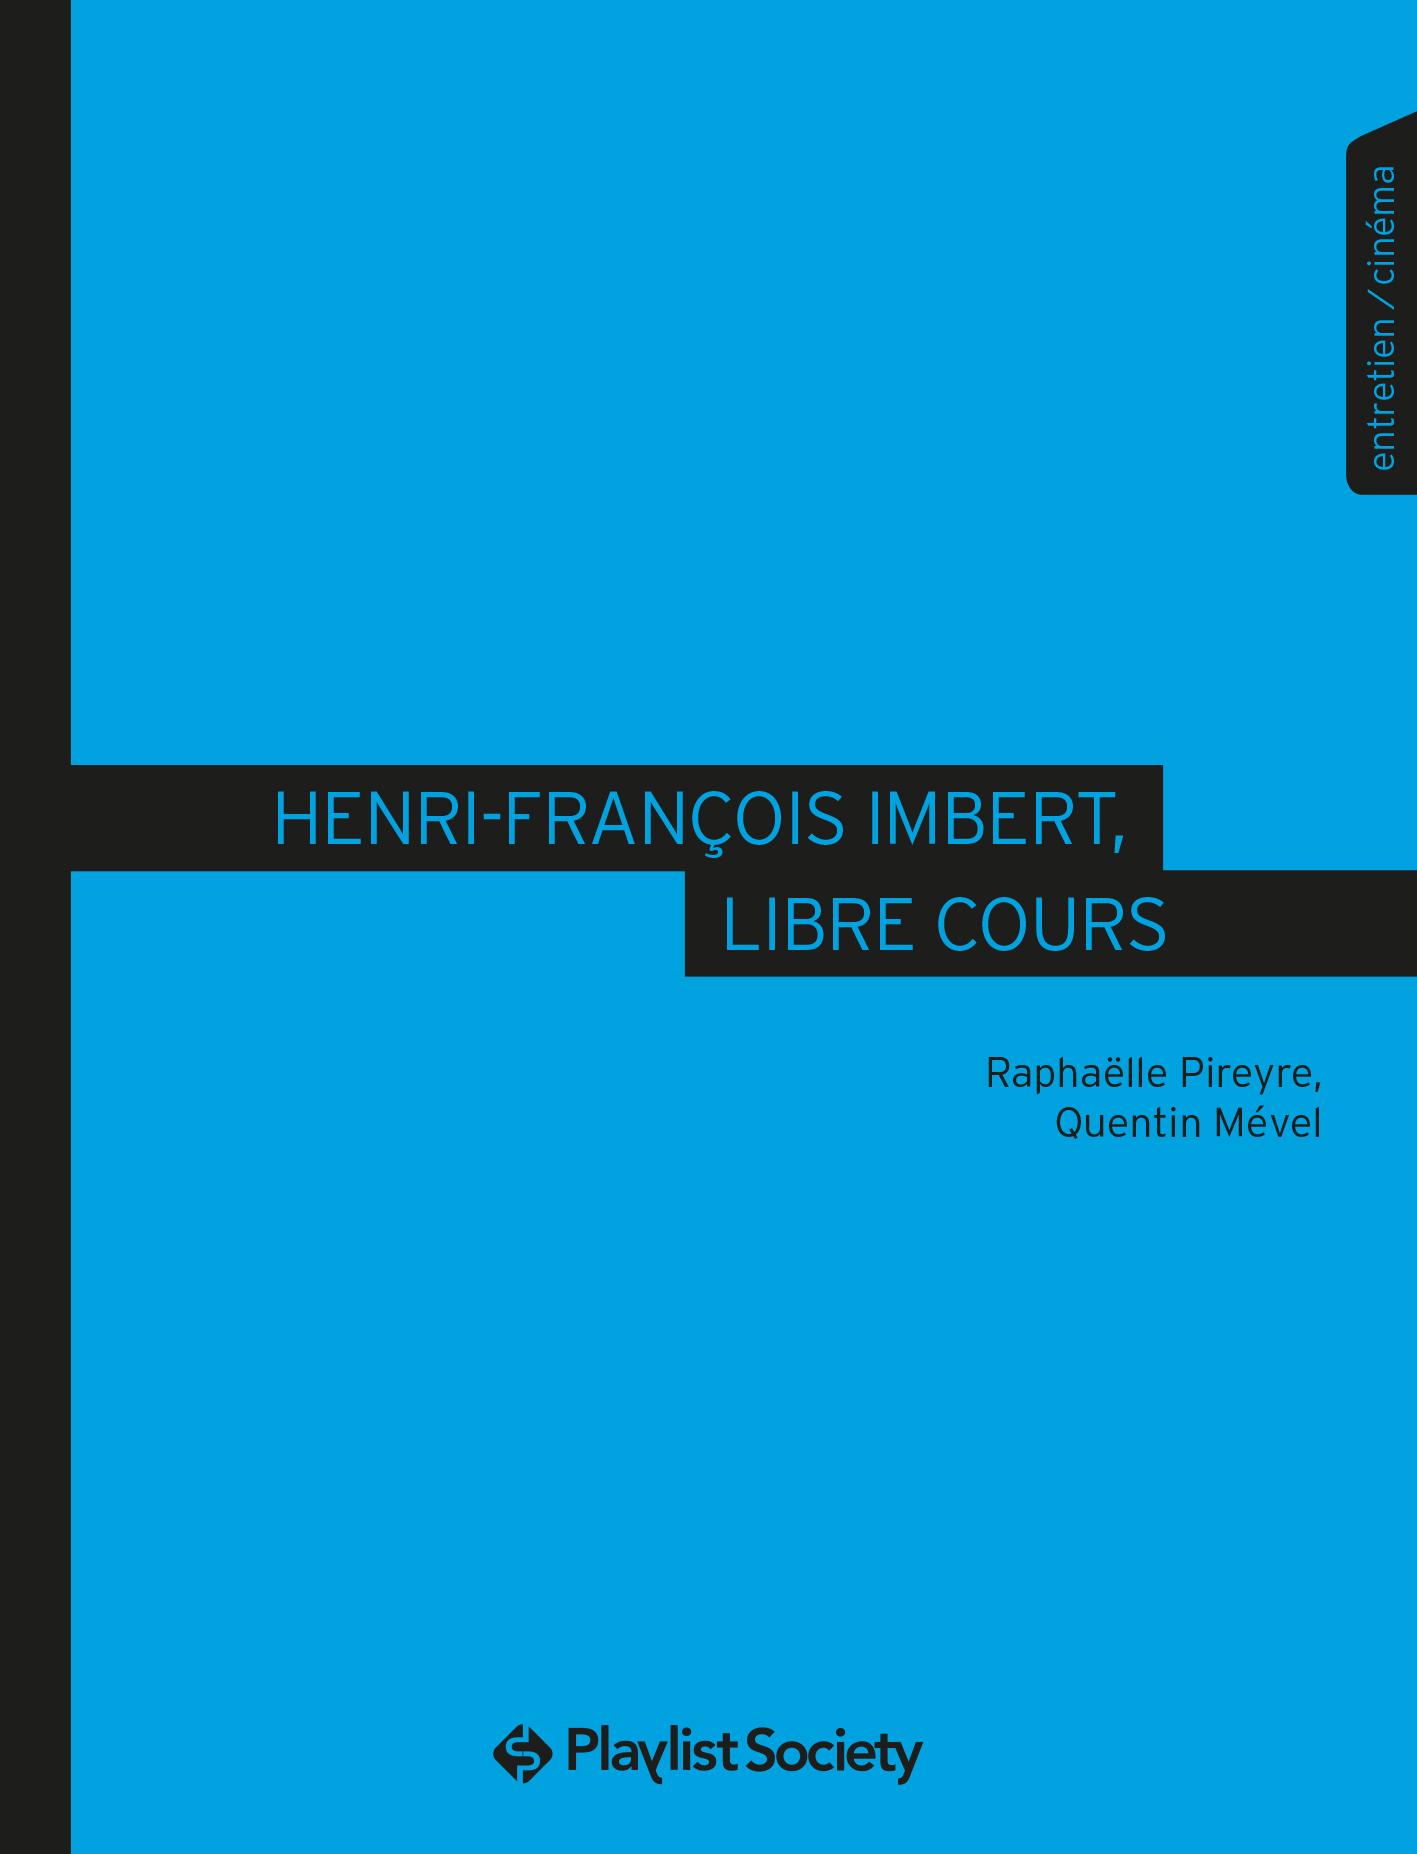 HENRI-FRANCOIS IMBERT, CINEASTE DU LIBRE COURS